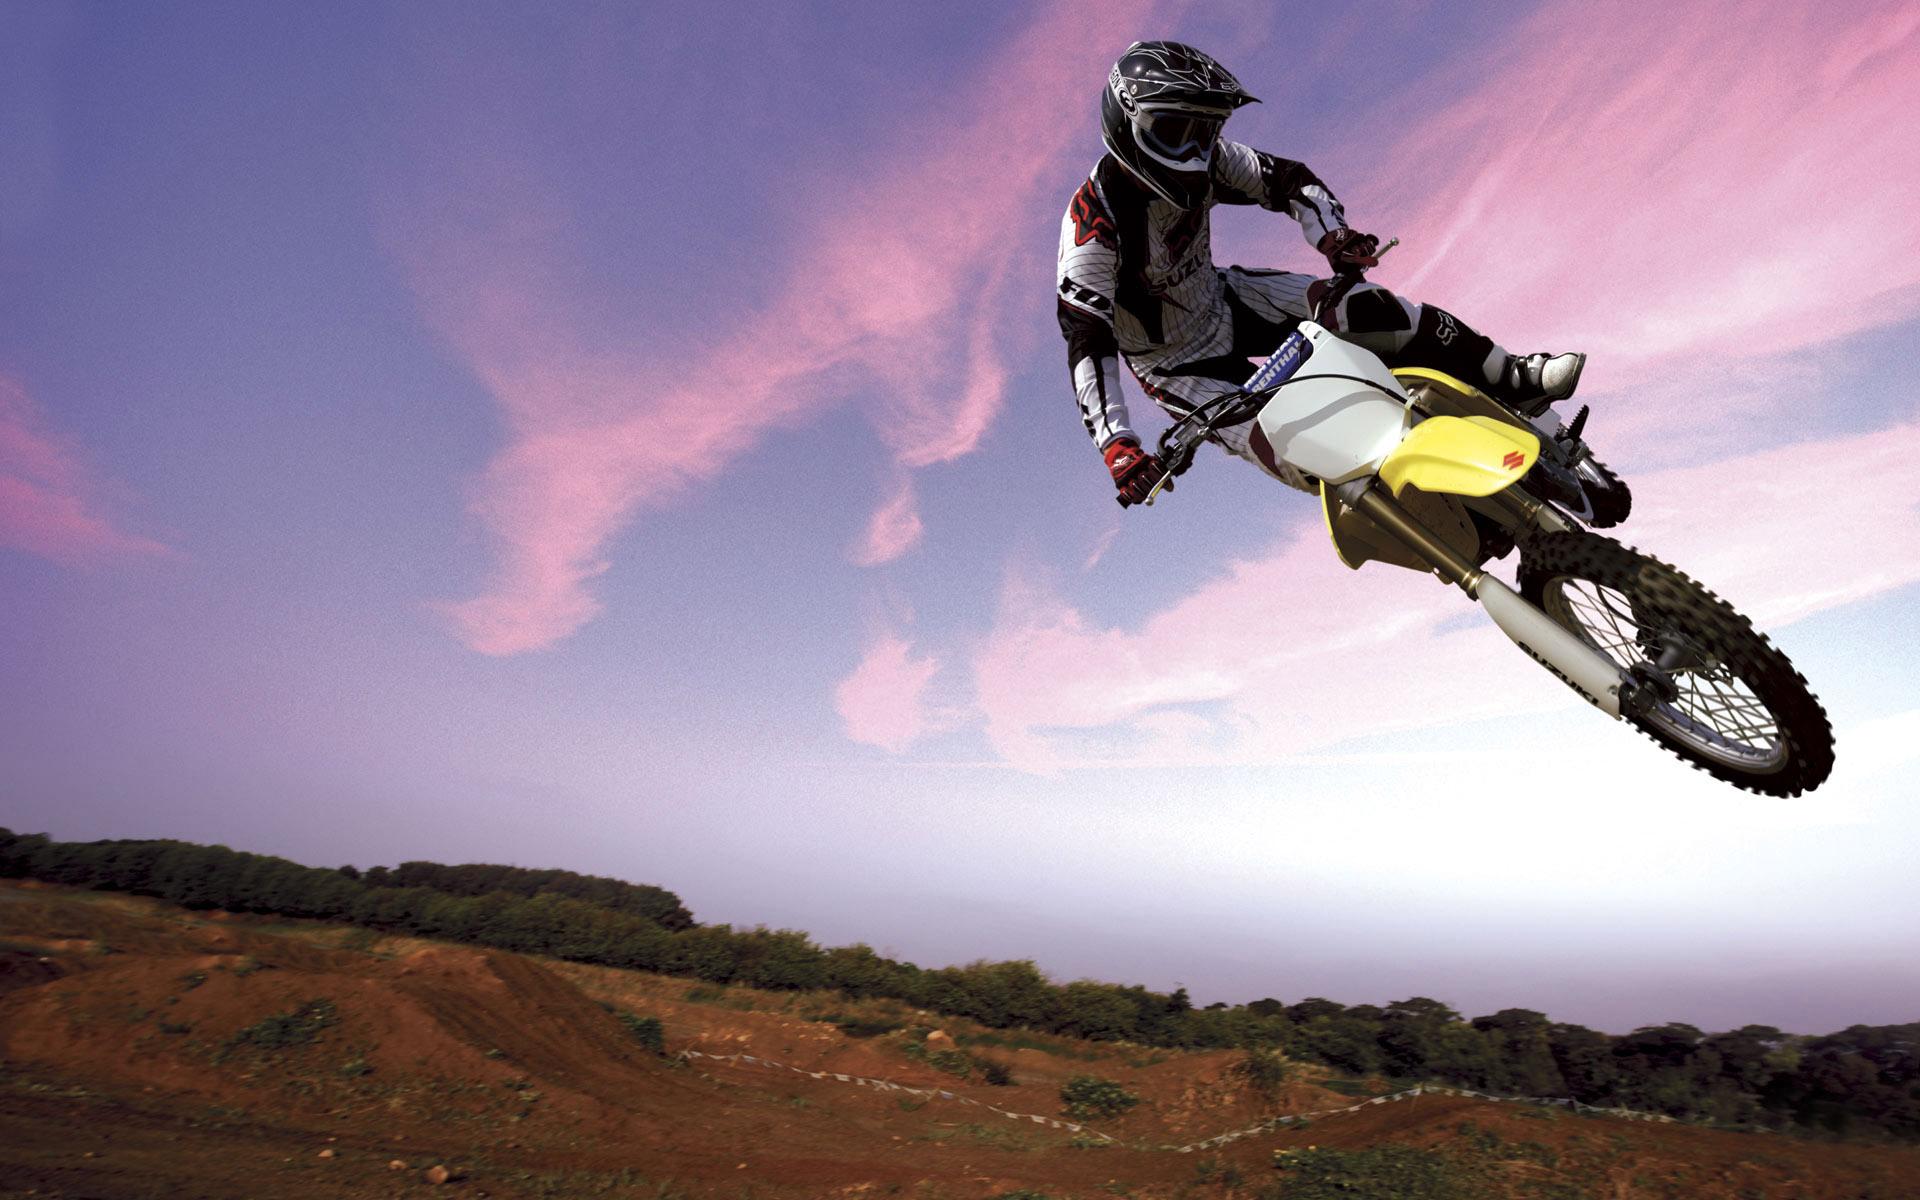 motocross-bike-in-sky-HD_wallpapers.jpg